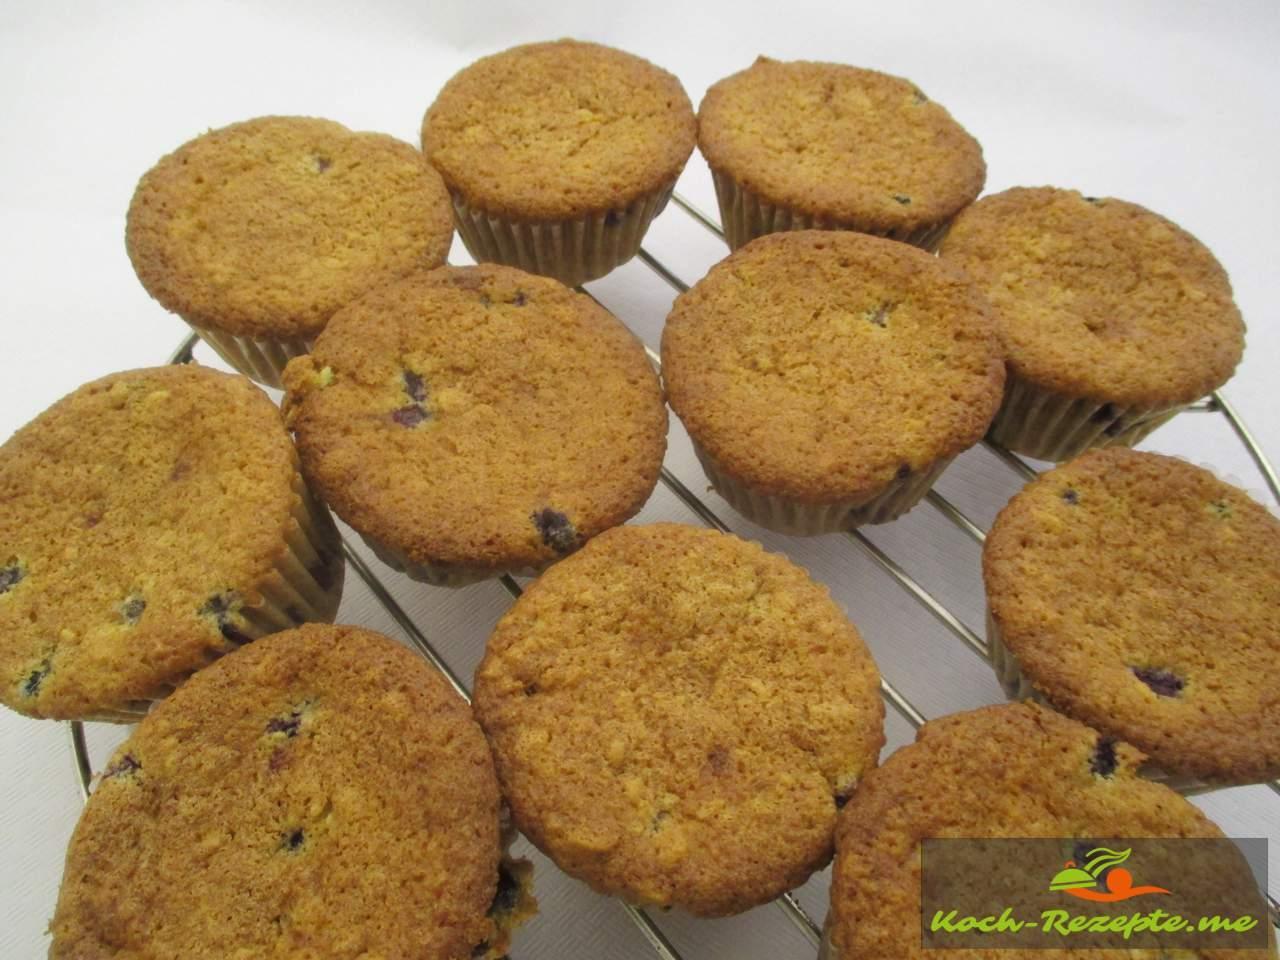 die gebackenen Muffins sind nach 25 Minuten goldbraun zum Auskühlen